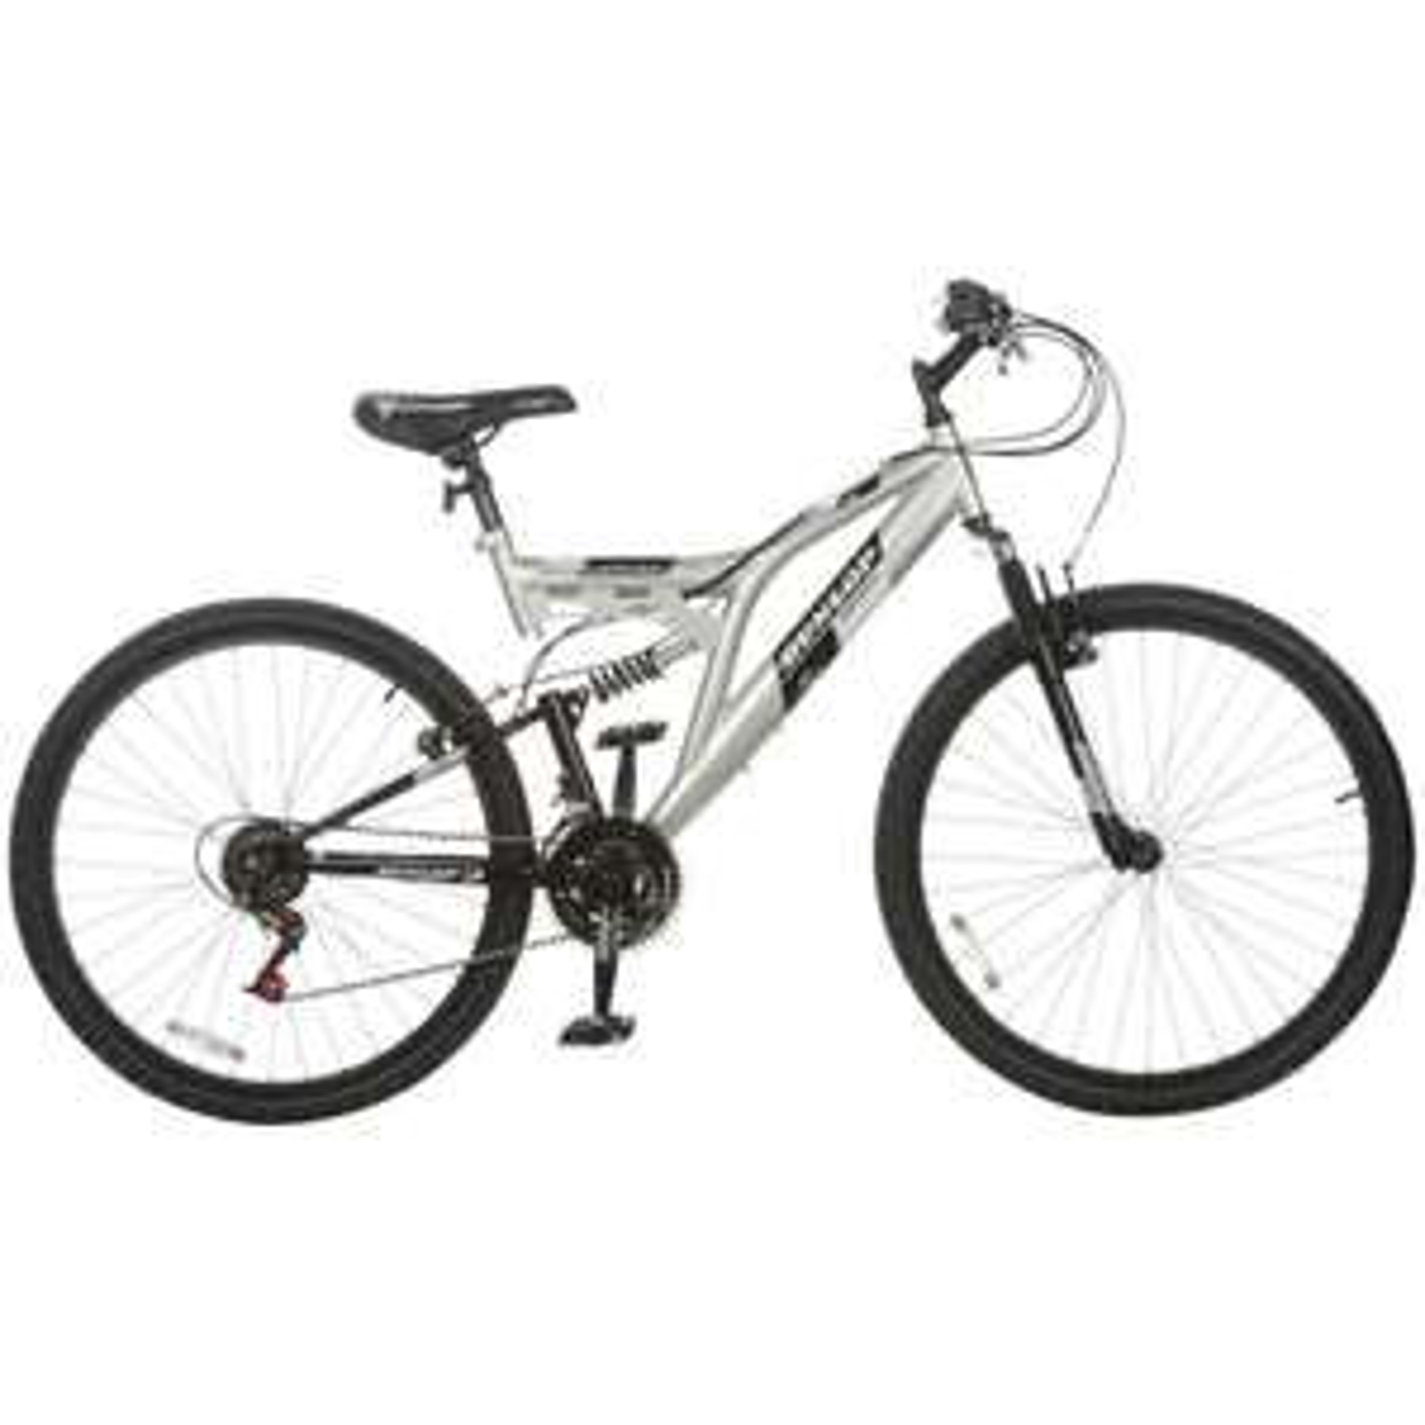 """Jusqu'à 50% sur une sélection de vélos + 10% supplémentaires - Ex : VTT 26"""" Dunlop DS26"""